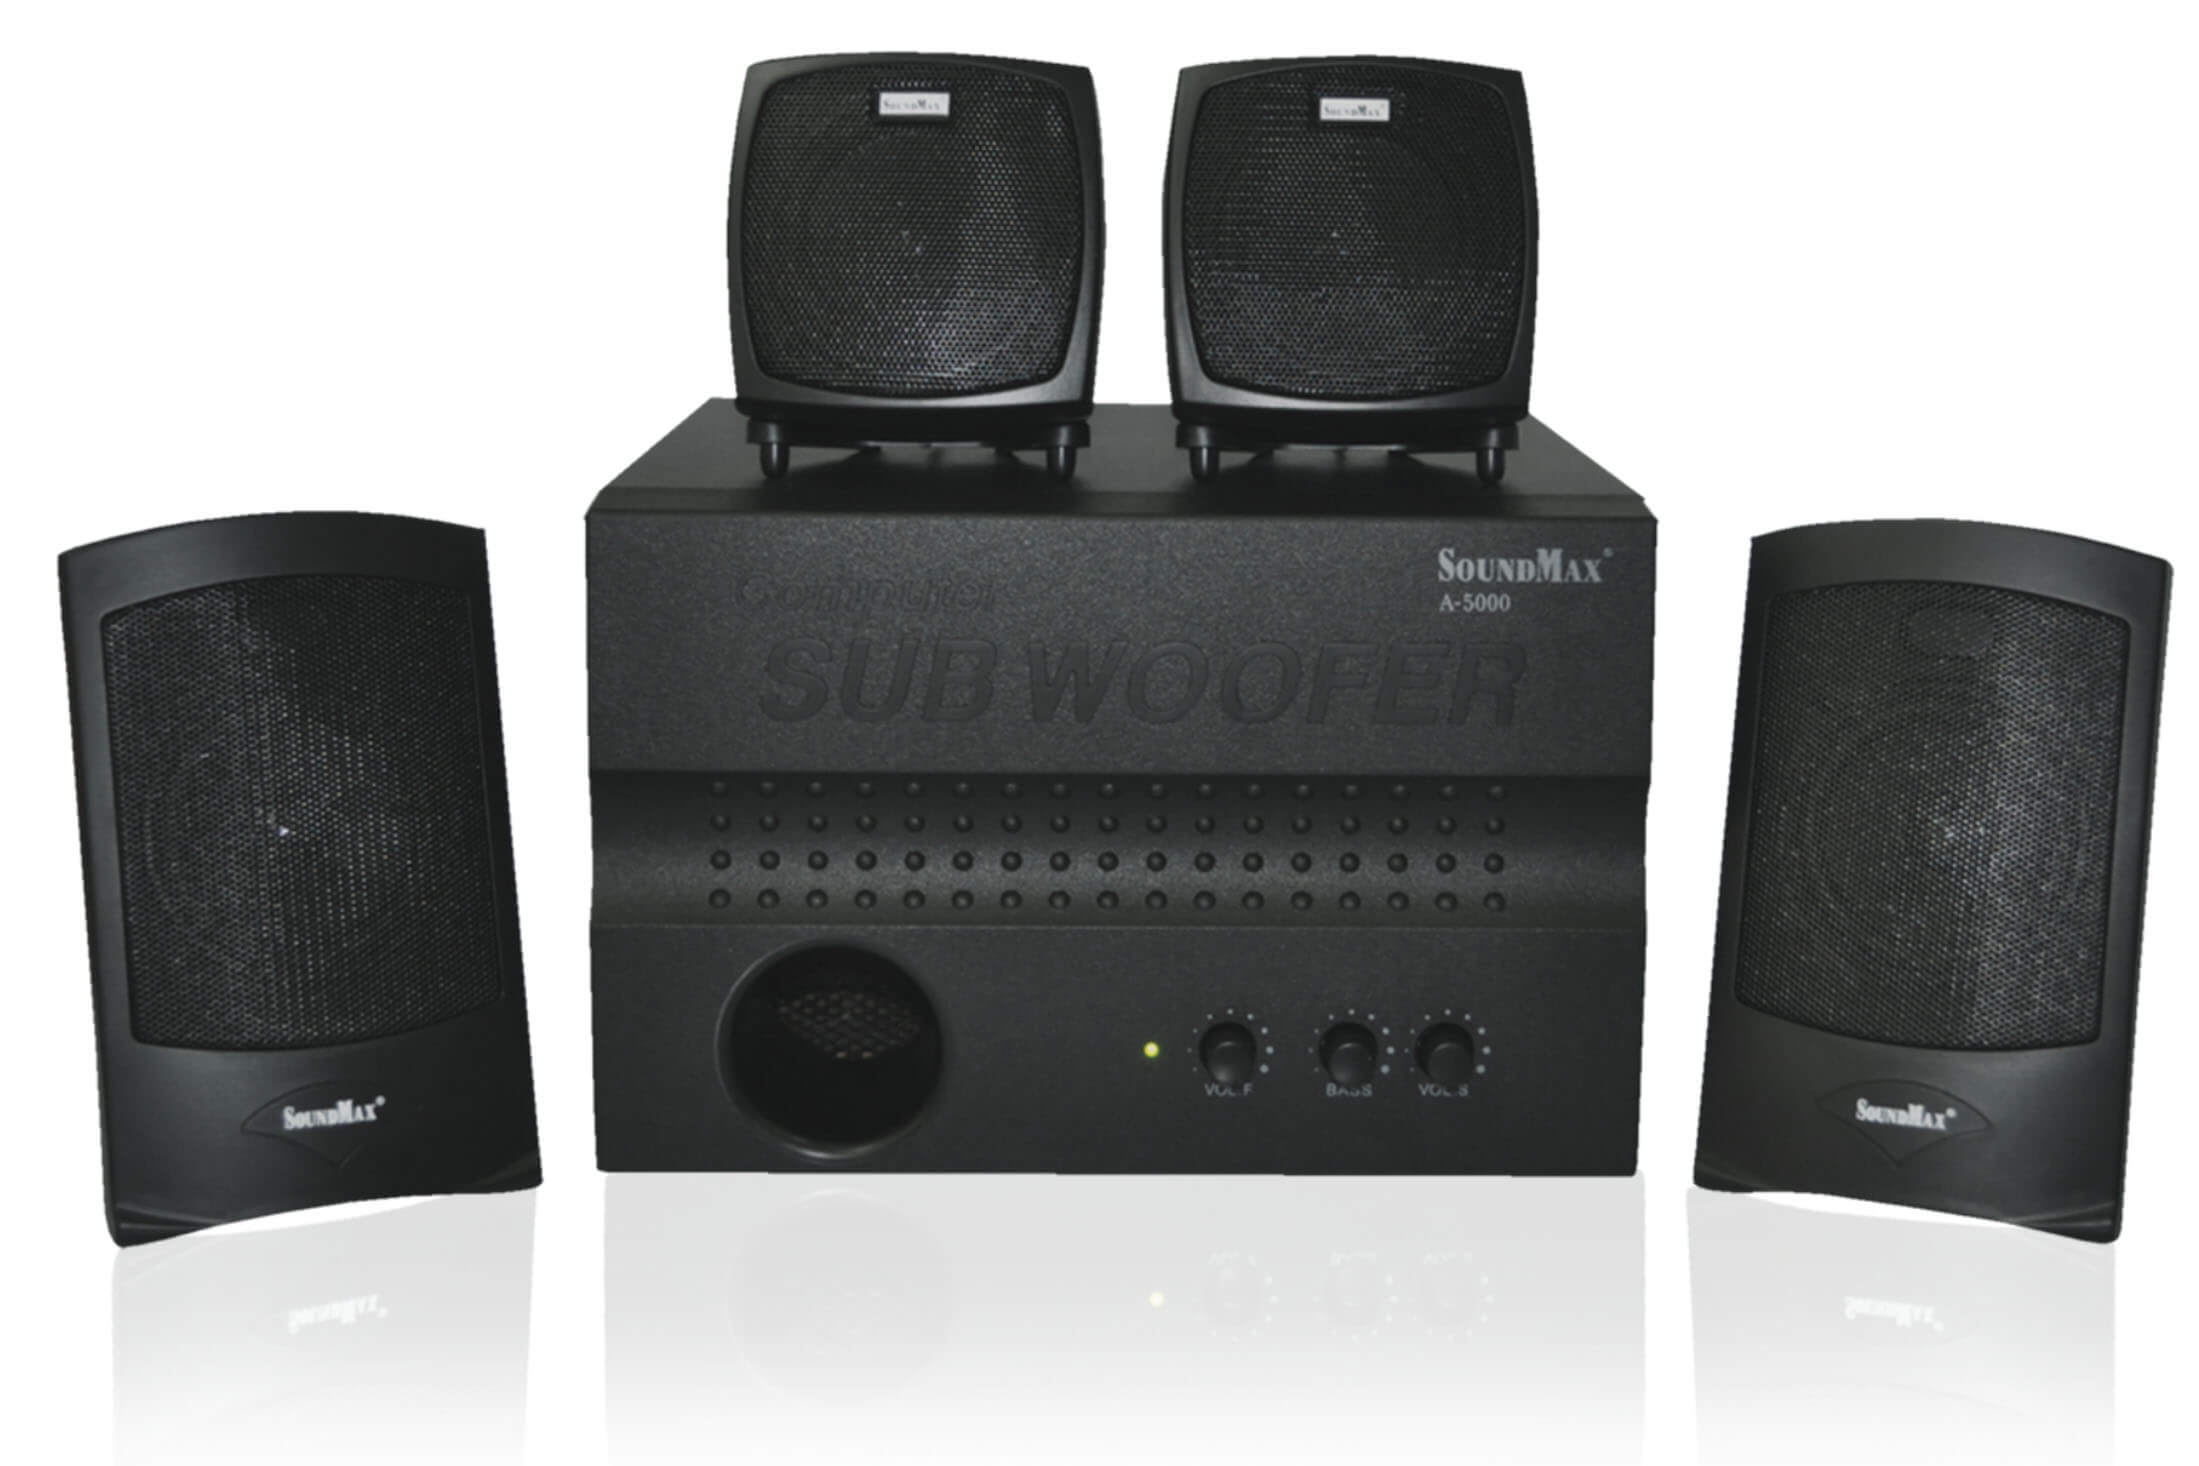 Loa Soundmax A 5000